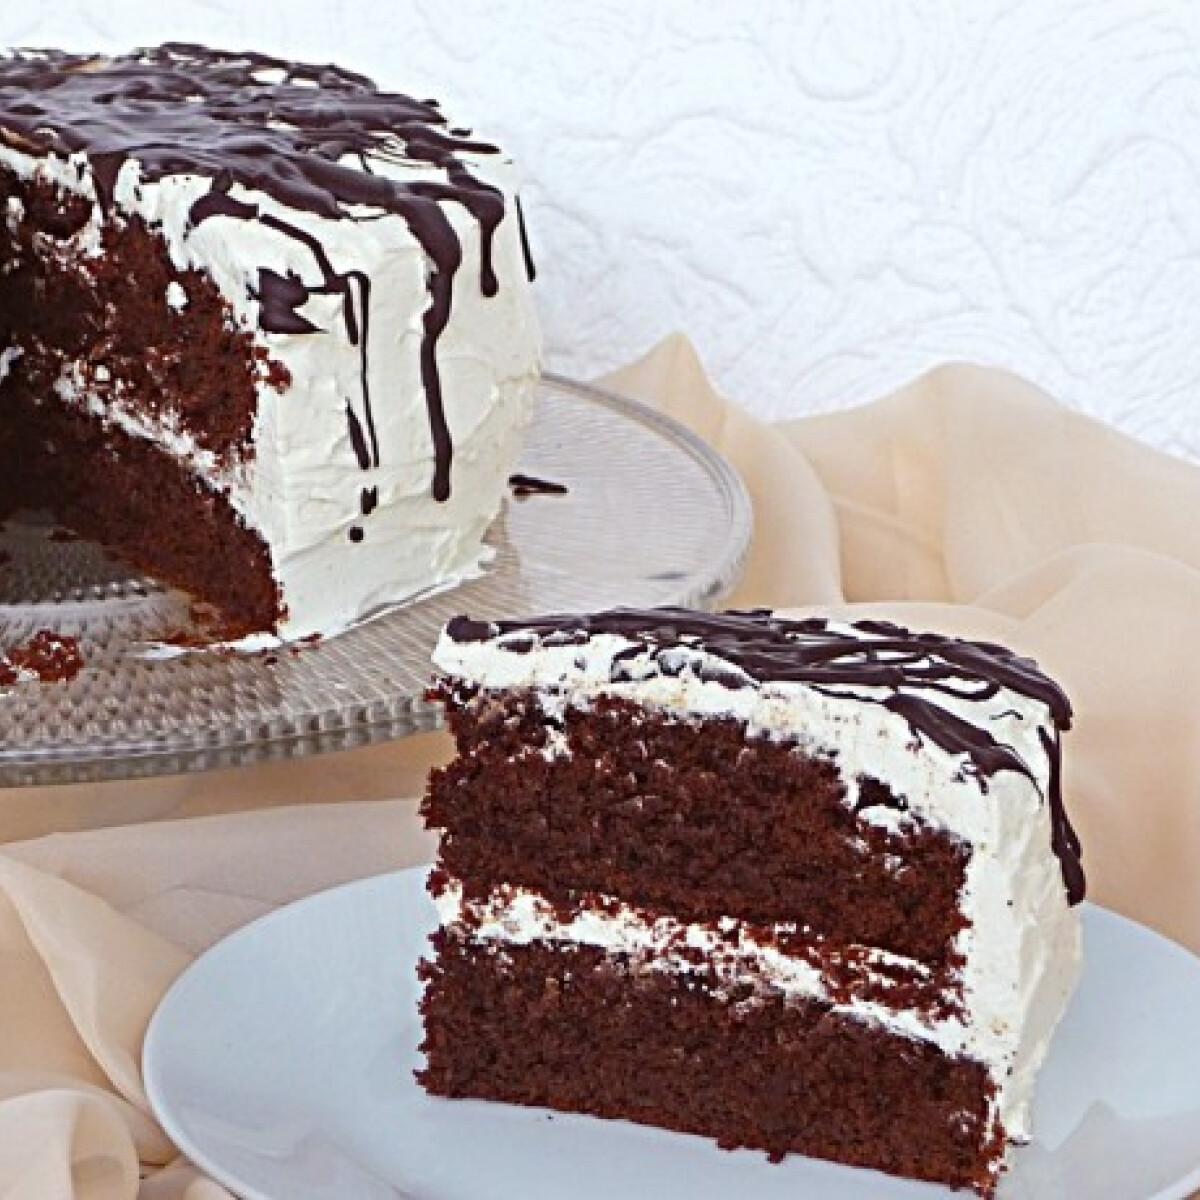 Ezen a képen: Sütőtökös csokoládétorta